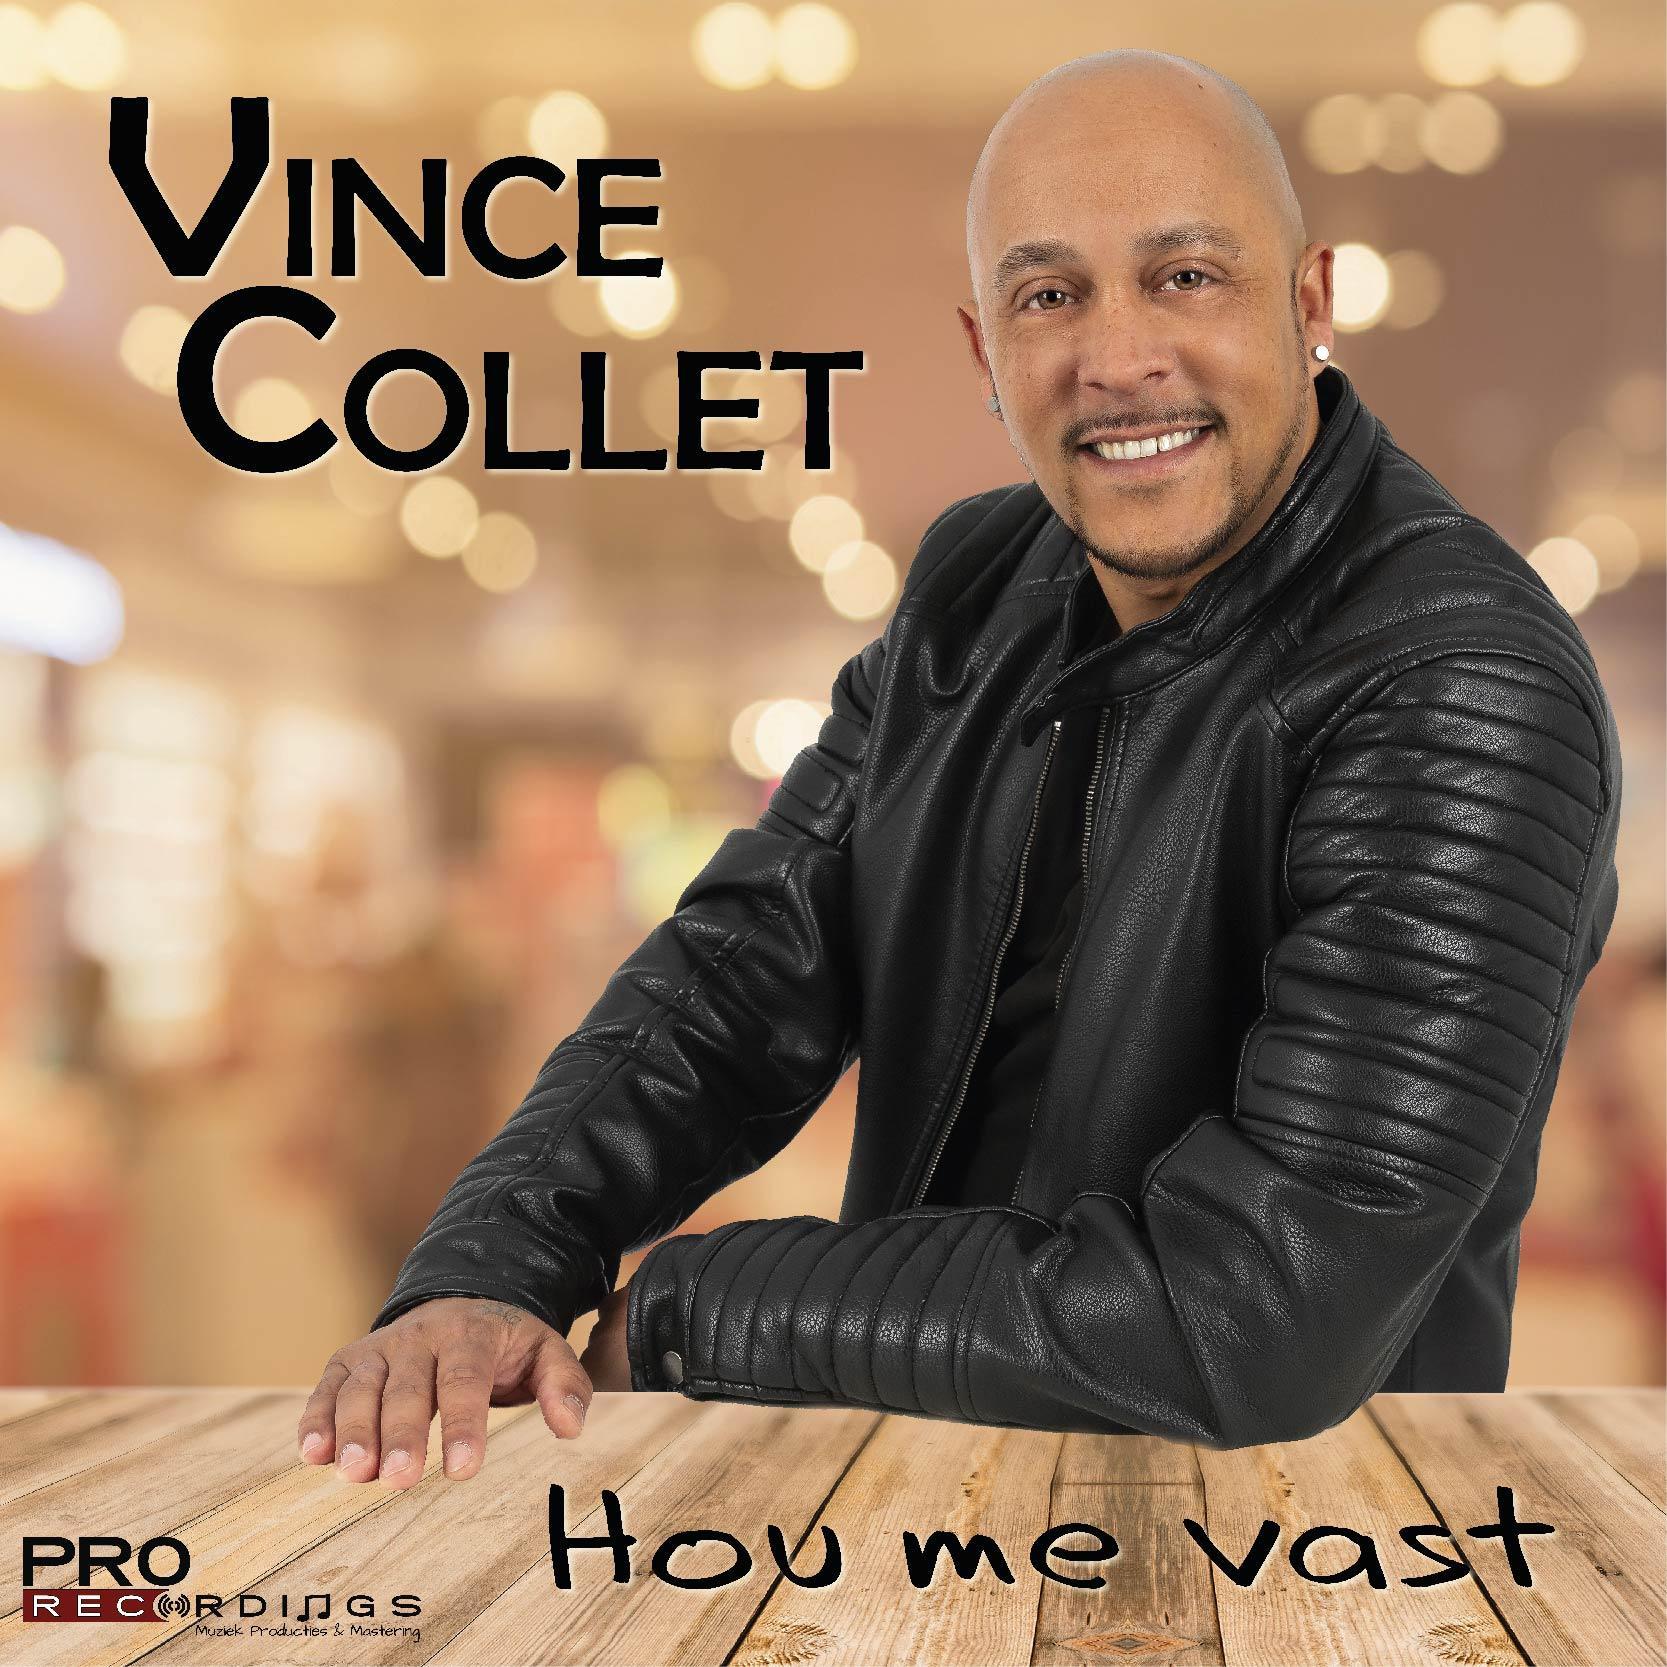 Vince Collet - Hou me vast